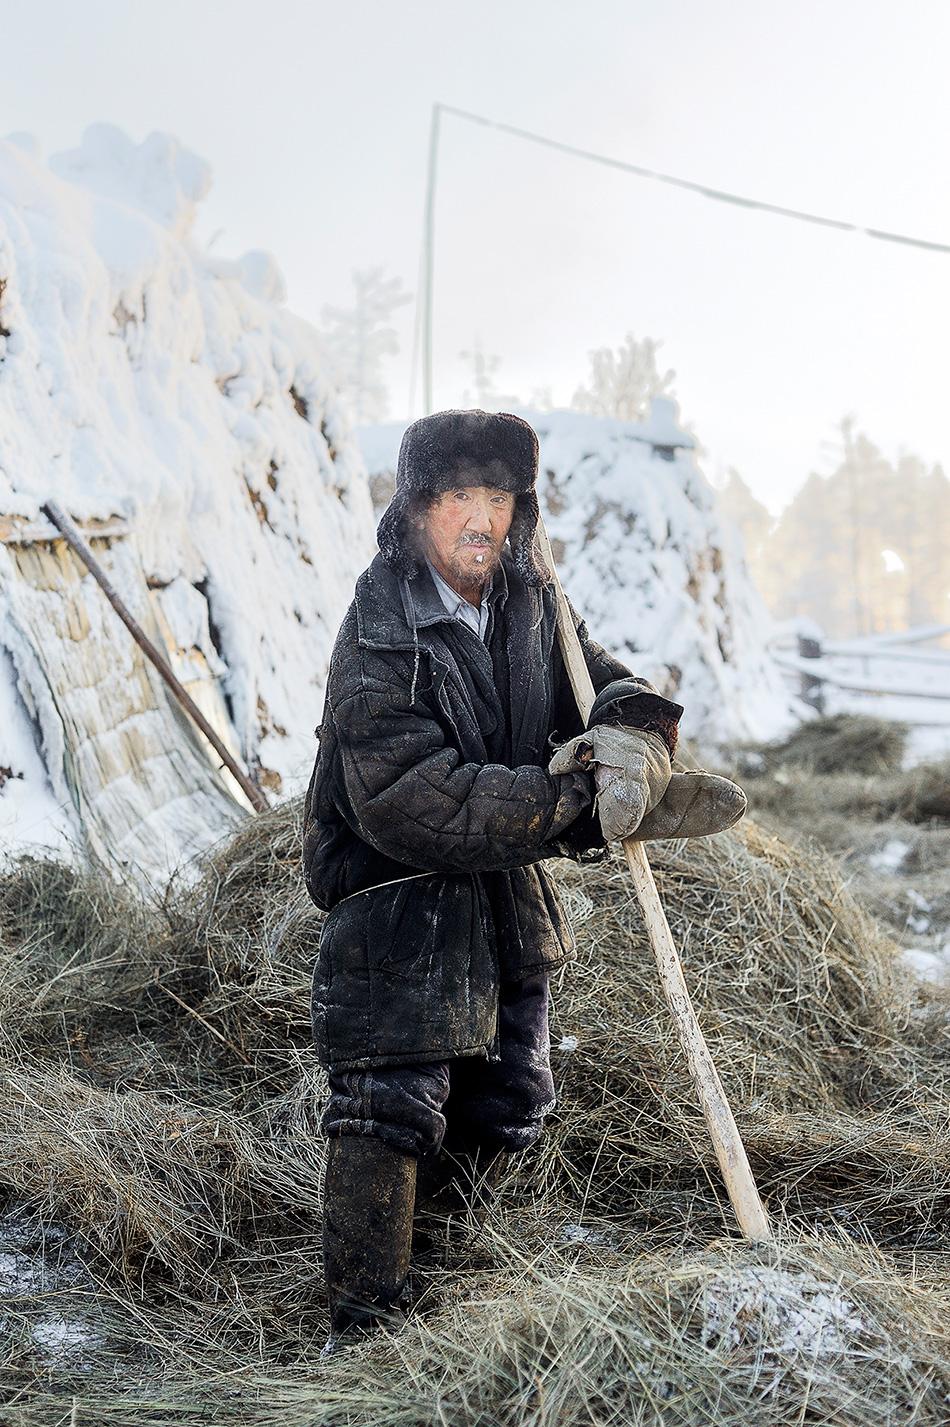 Yakutsk, la capital de la región nororiental de Rusia, es la ciudad más fría del mundo en su tamaño. Junto a las orillas del río Lena la temperatura media en invierno es de -40ºC, lo que crea un manto de niebla sobre la ciudad. En los pequeños asentamientos situados alrededor las temperaturas son incluso más bajas.